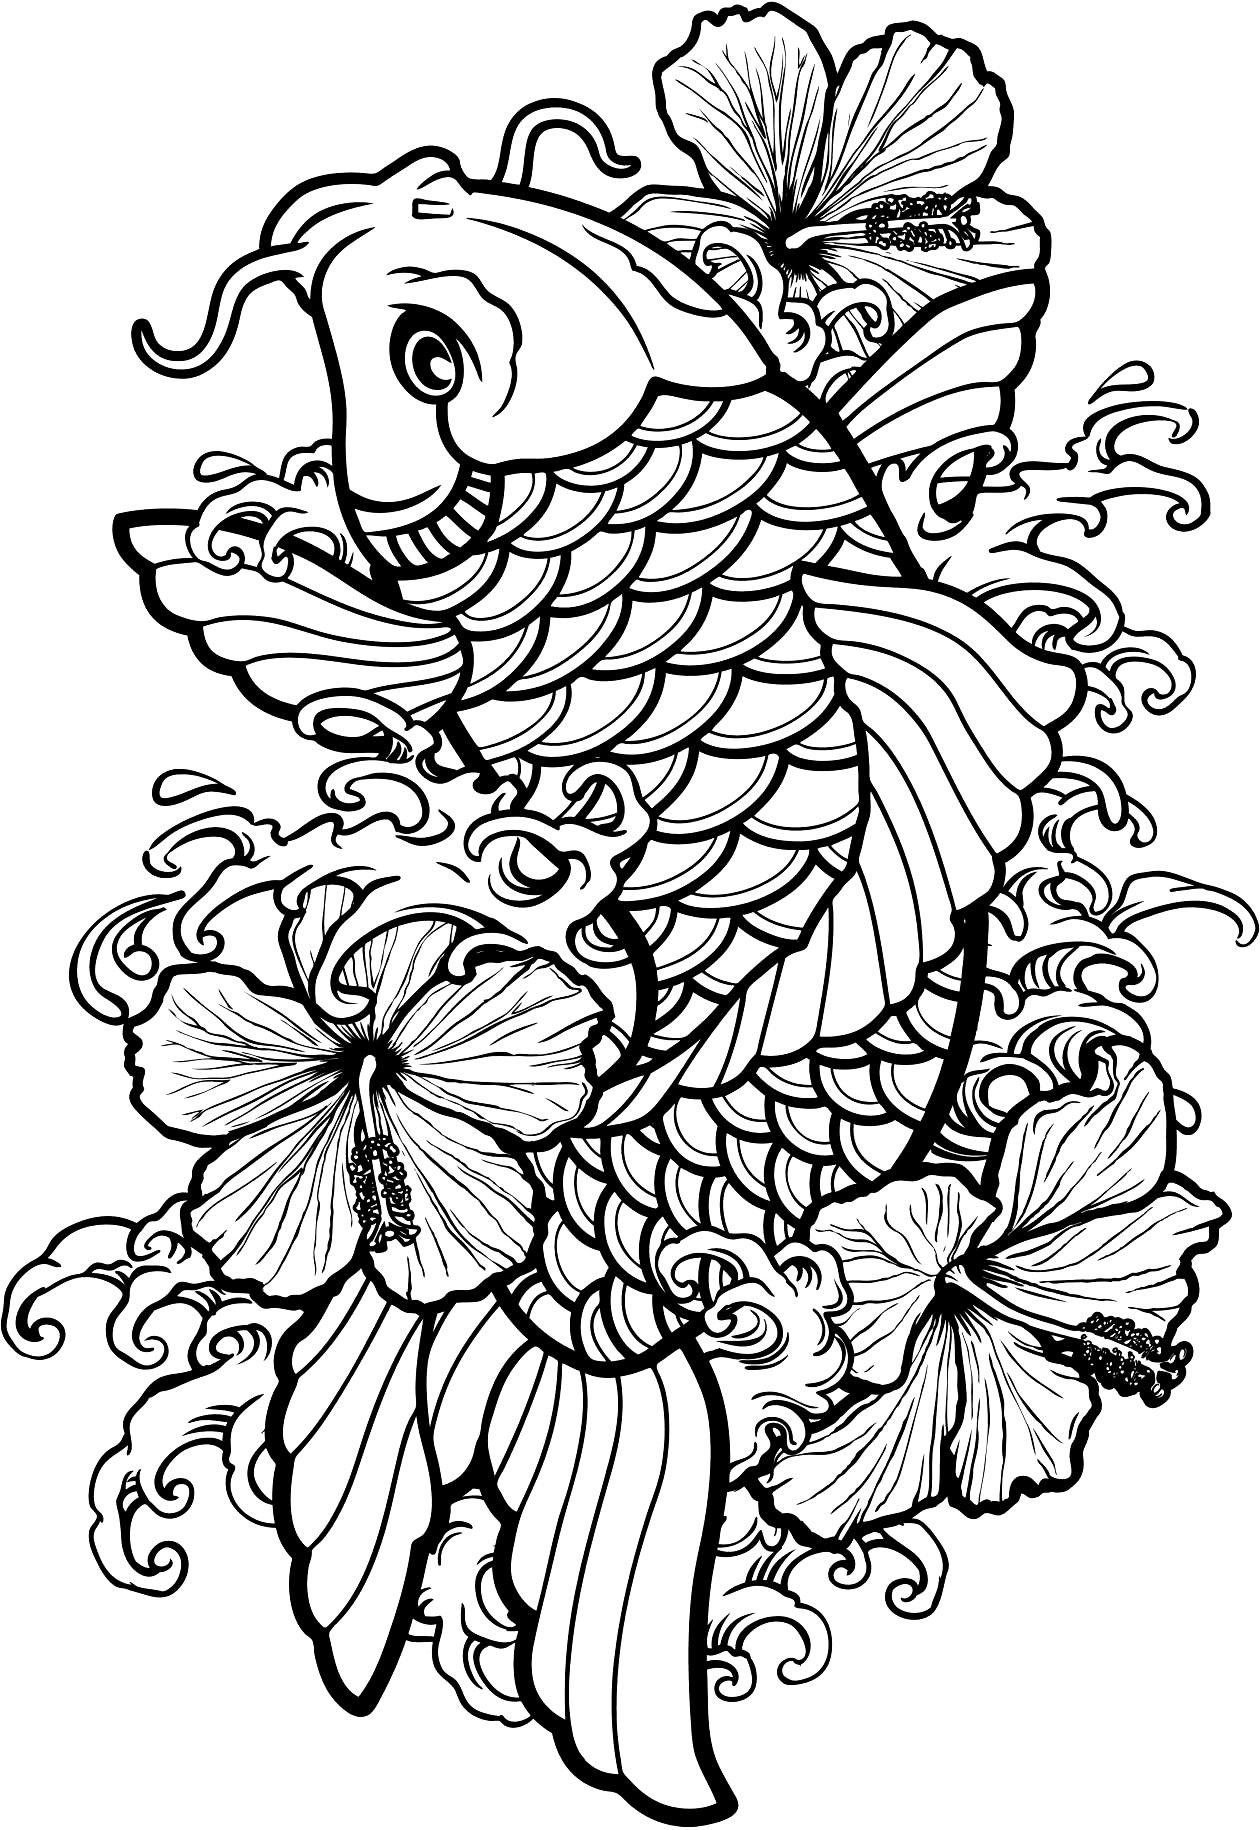 Koi Fish Outline Drawing